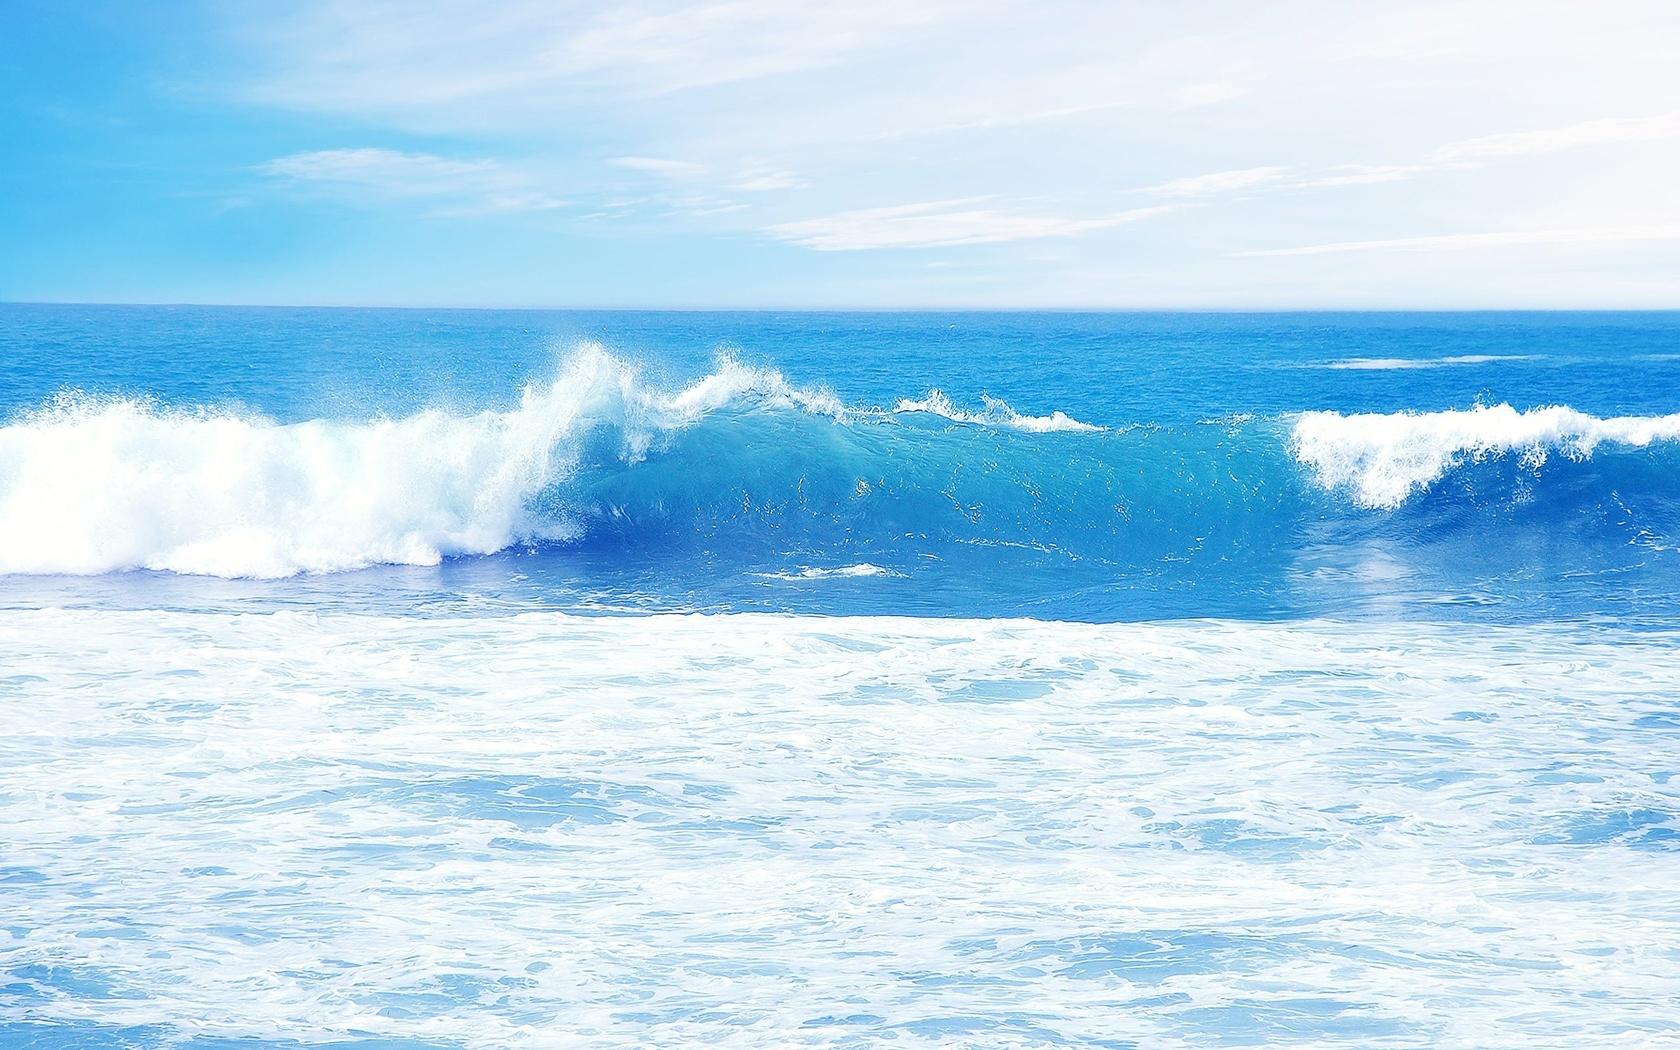 широкоформатные картинки океана кипр трагическая